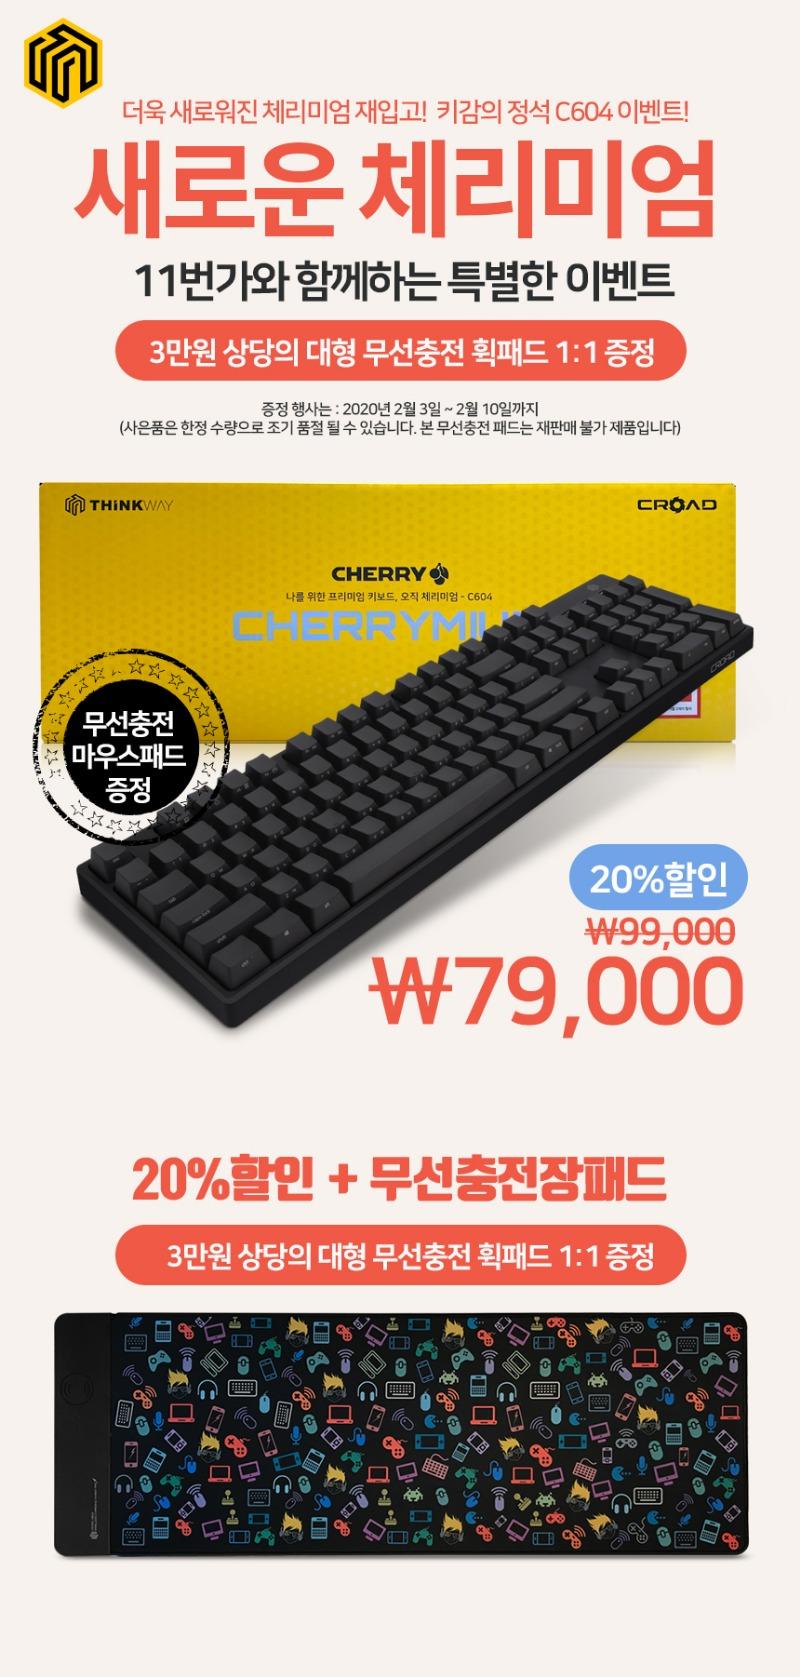 c604-860x200201.jpg